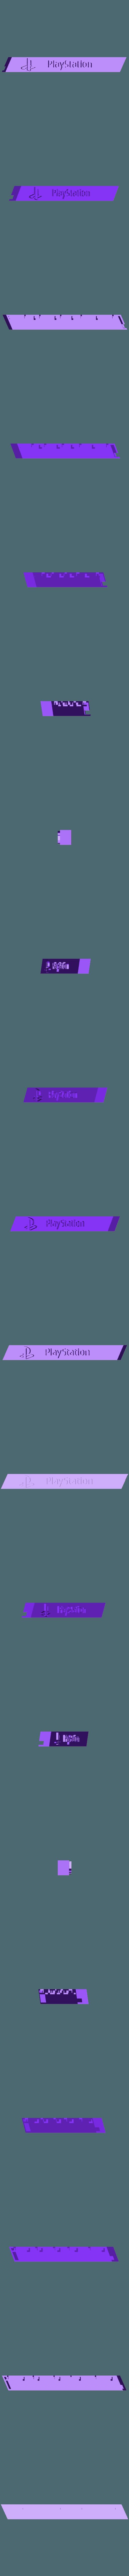 socle_avant.stl Télécharger fichier STL gratuit Mini lampe de Playstation • Objet pour imprimante 3D, ygallois